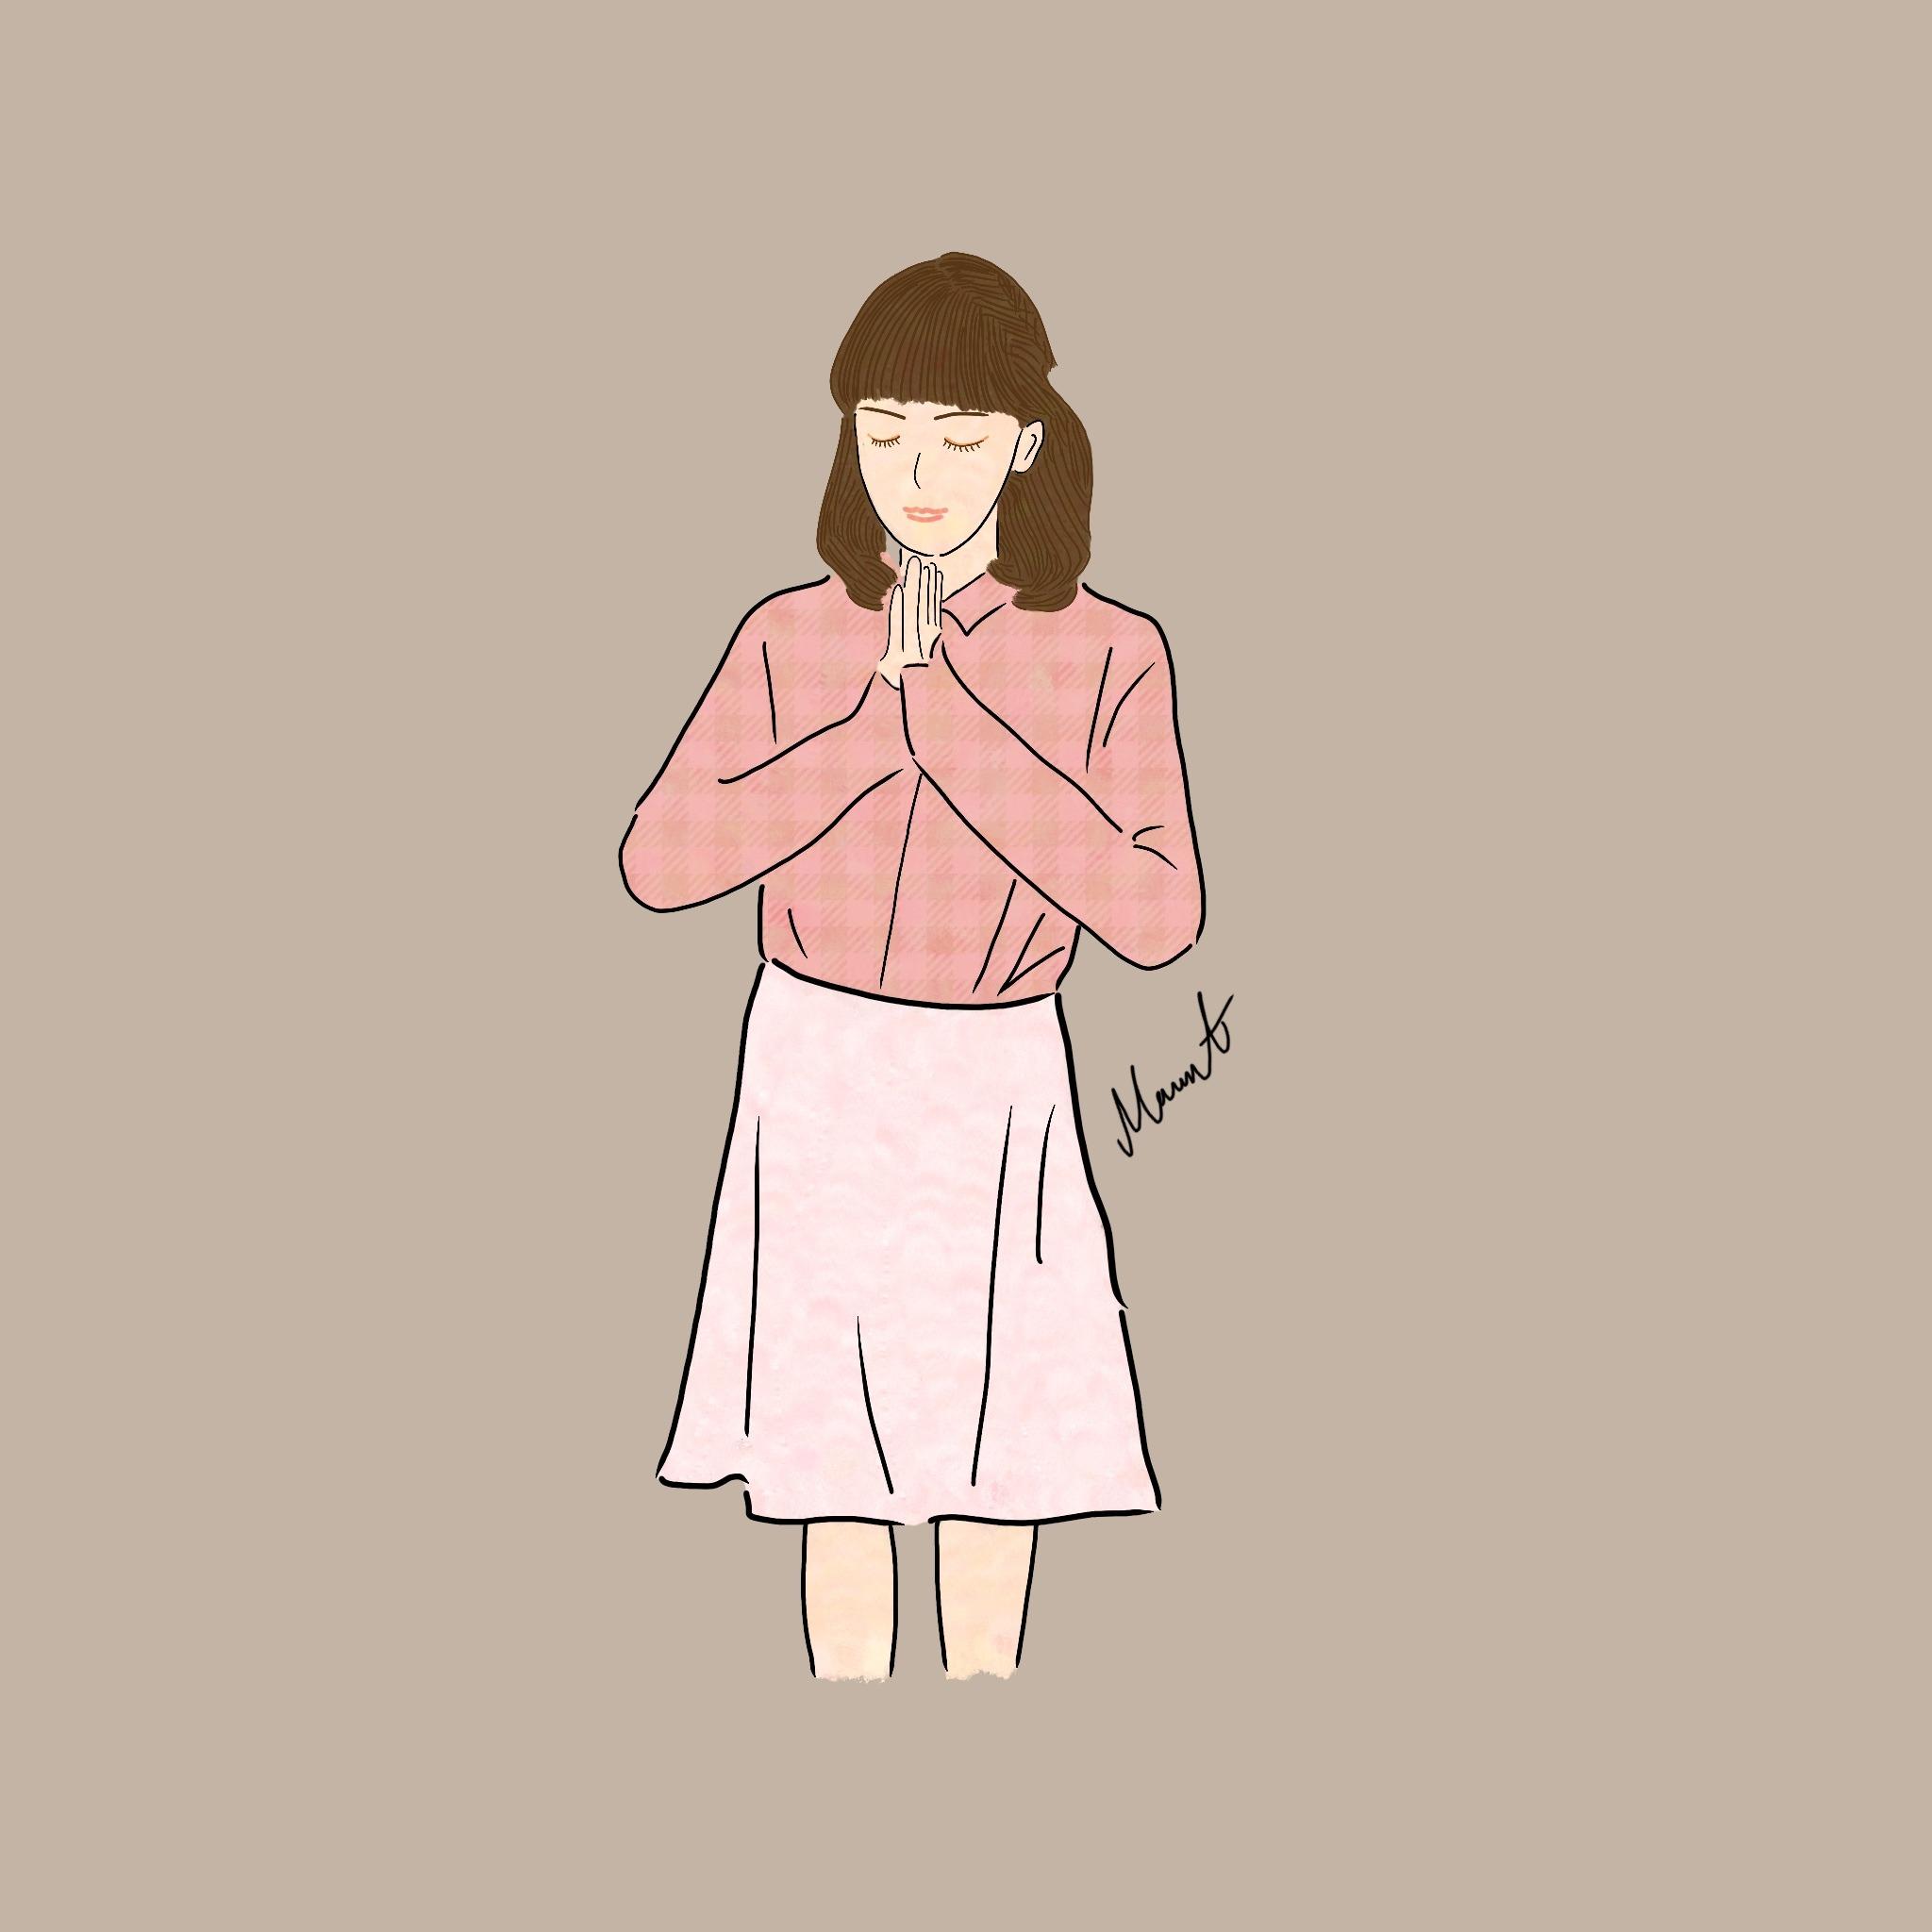 ファッションイラスト 1人 ベーシック スキマ スキルのオーダーメイドマーケット Skima